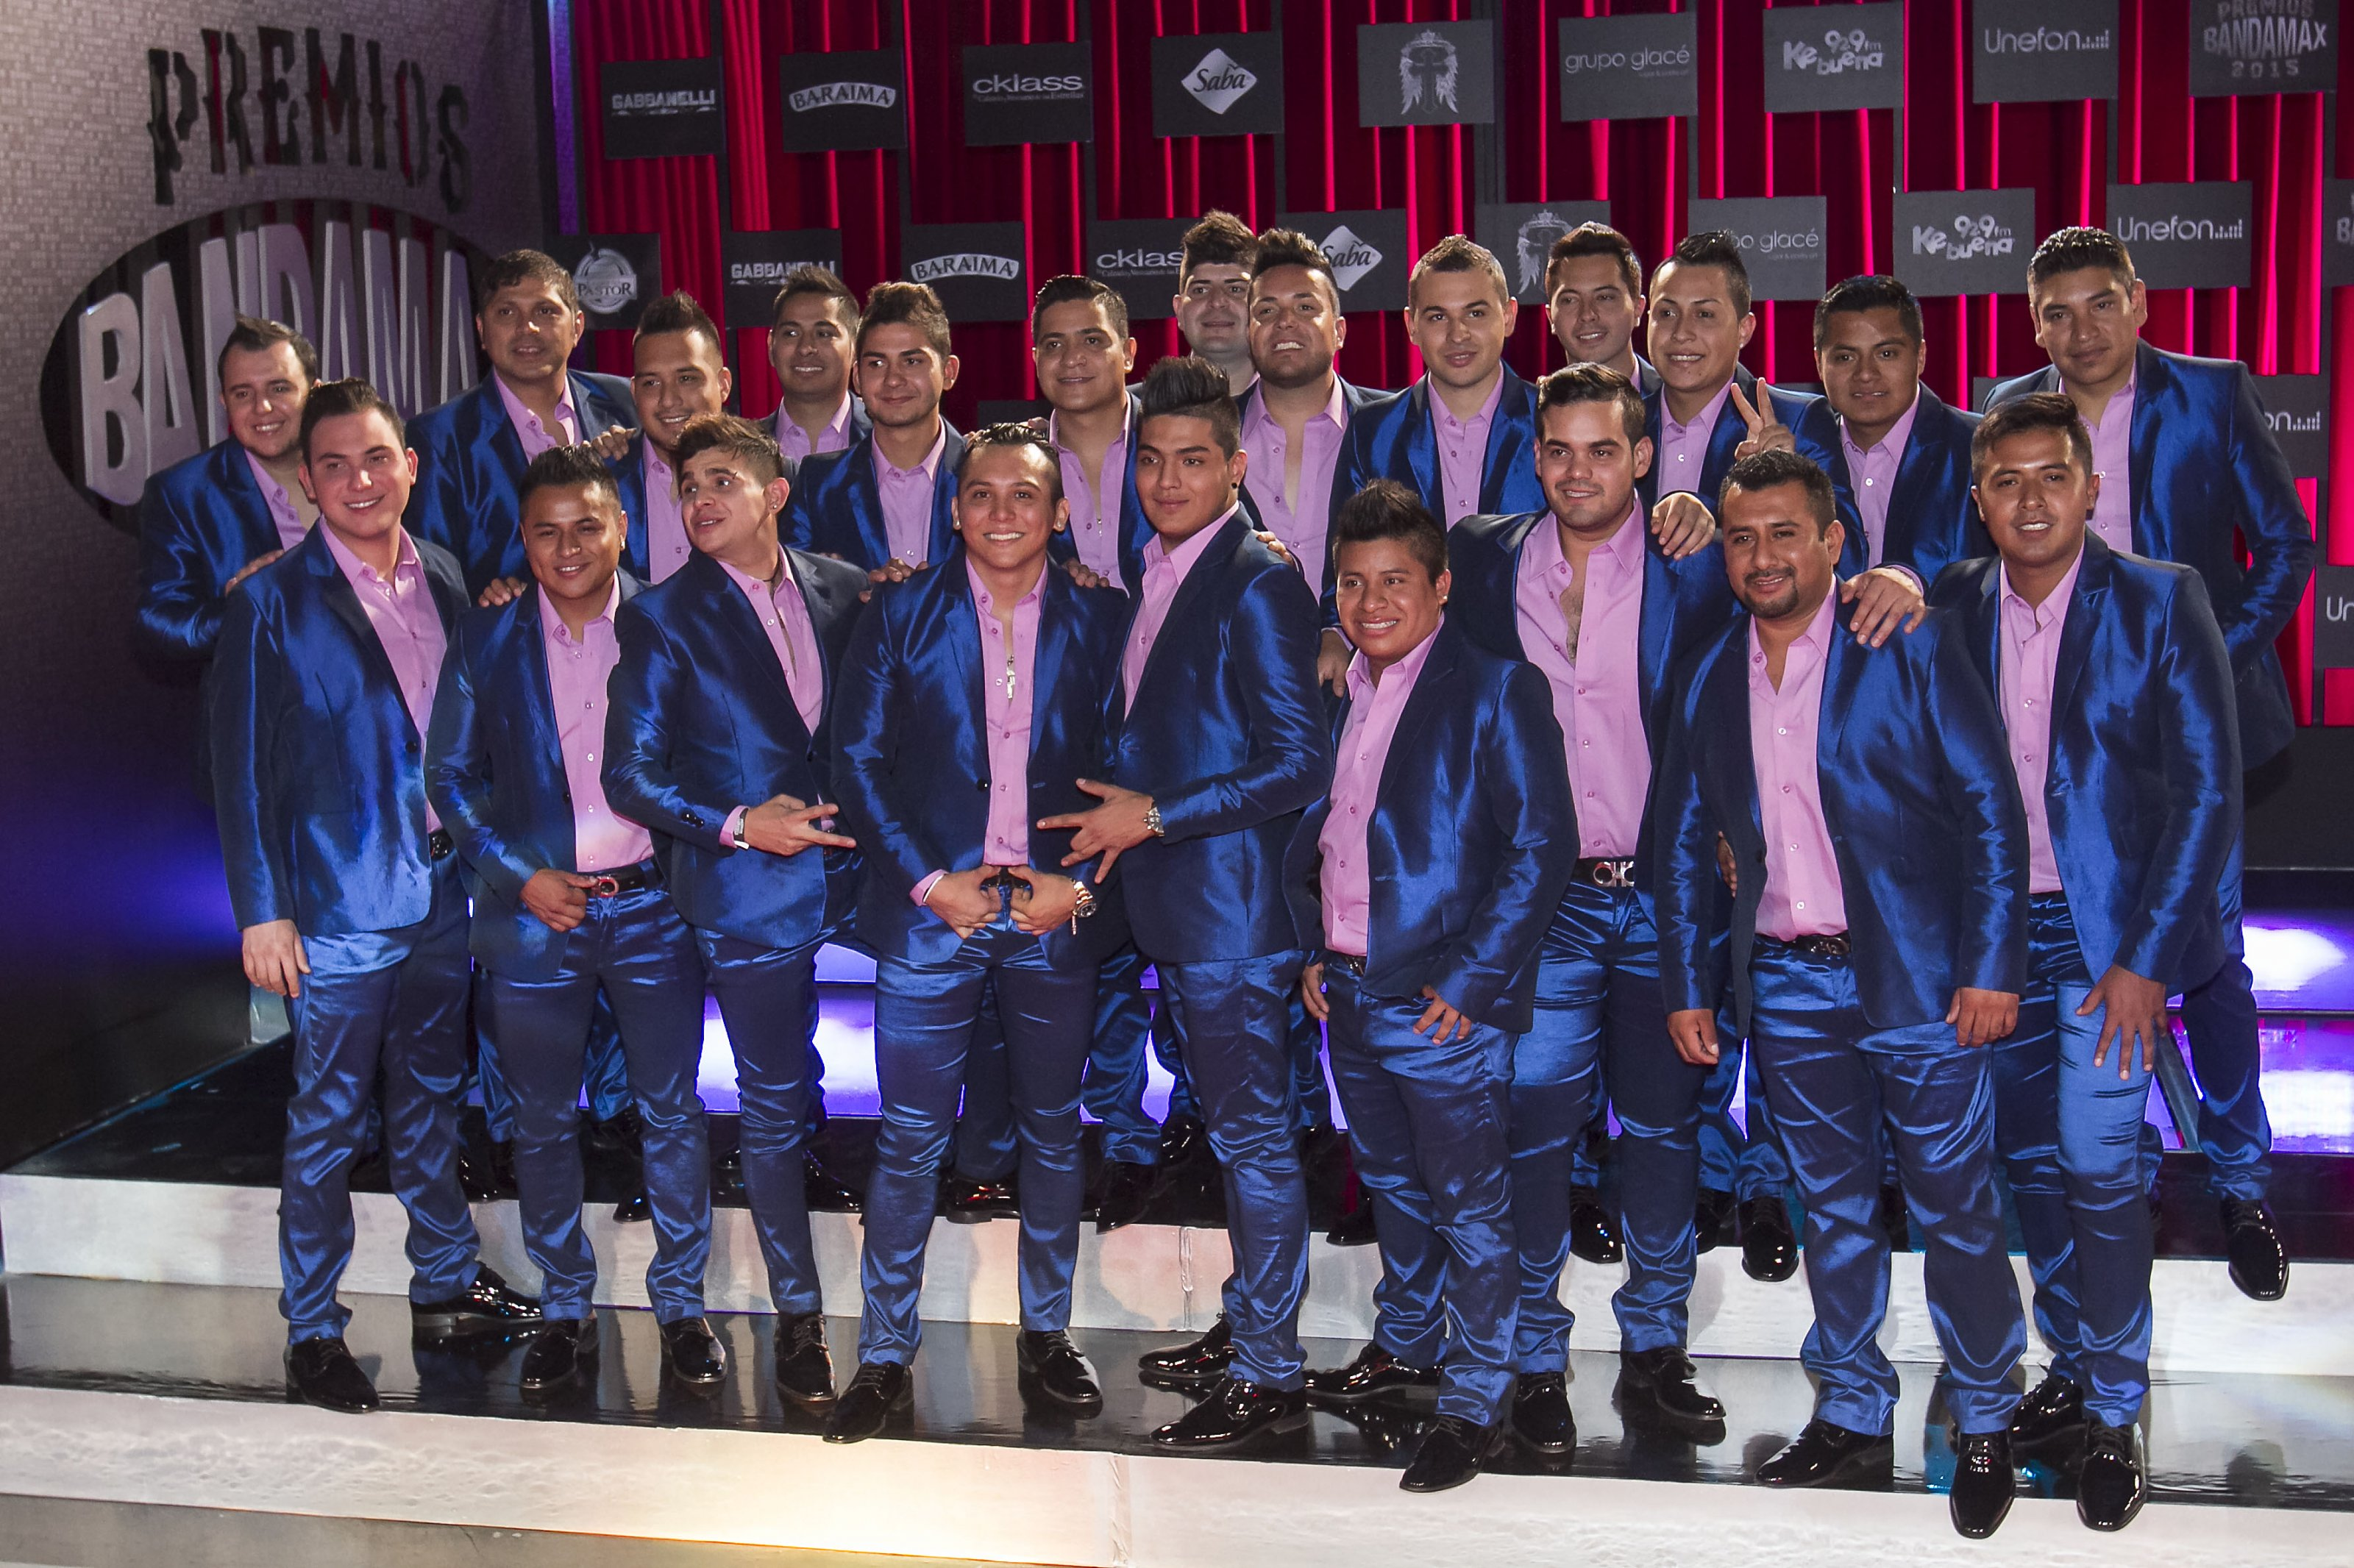 TO-38214. CIUDAD DE MEXICO. AGOSTO 11. Entrega de Premios Bandamax 2015 a lo mas destacado de la musica grupera, en el Palacio de los Deportes. (Photo by Luis Ortiz/Clasos).